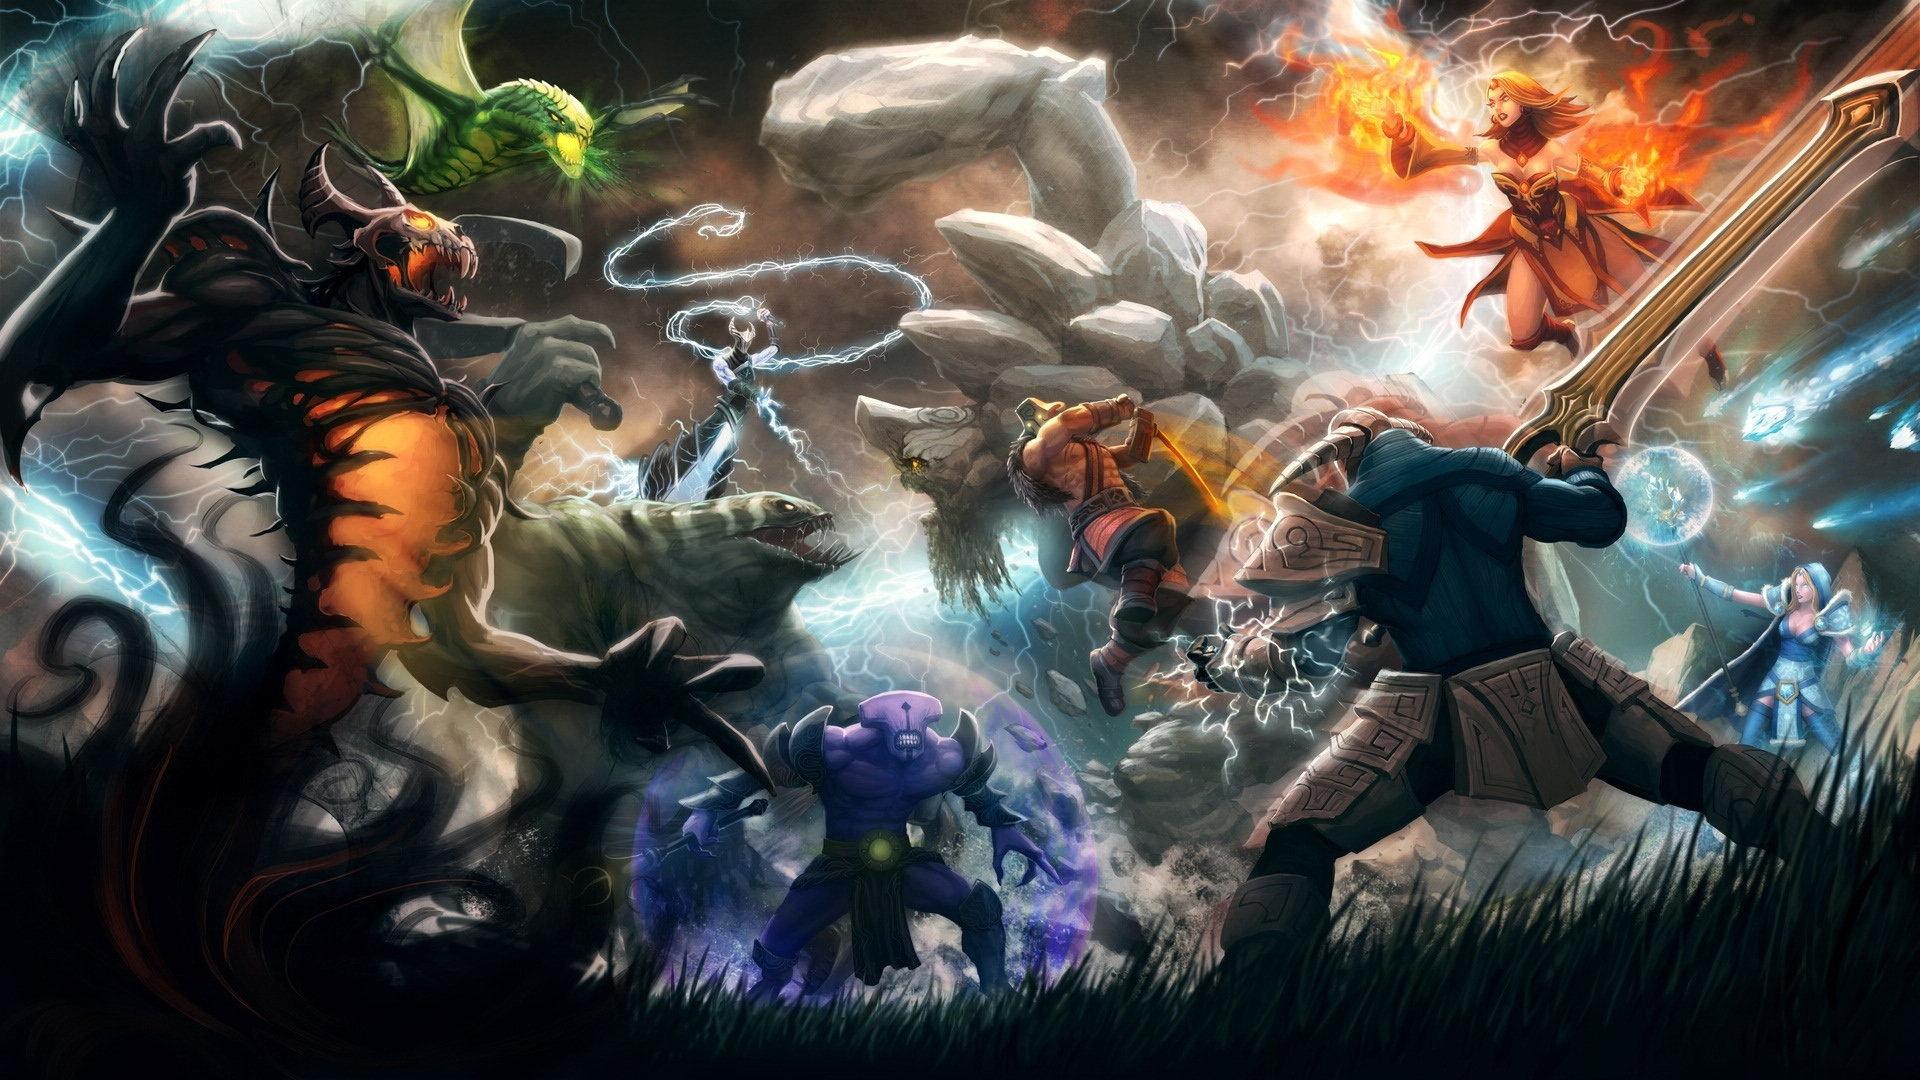 free game wallpaper 25367